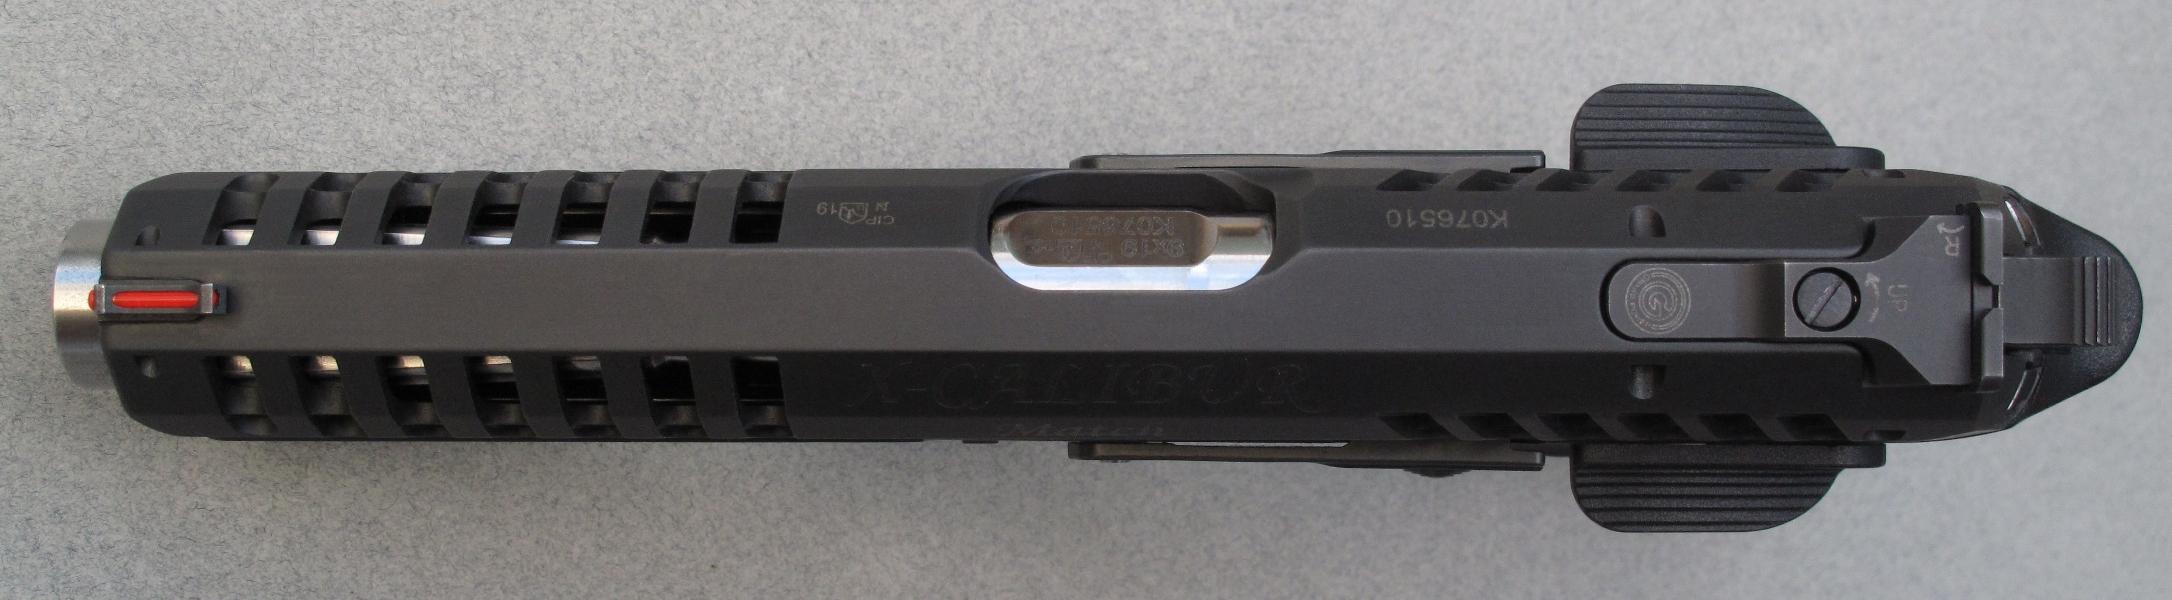 Son guidon en acier, goupillé à l'extrémité antérieure de la culasse à glissière, intègre une fibre optique de couleur rouge tandis que sa hausse micrométrique, goupillée à l'autre extrémité et également construite en acier, est réglable en site et en azimut.